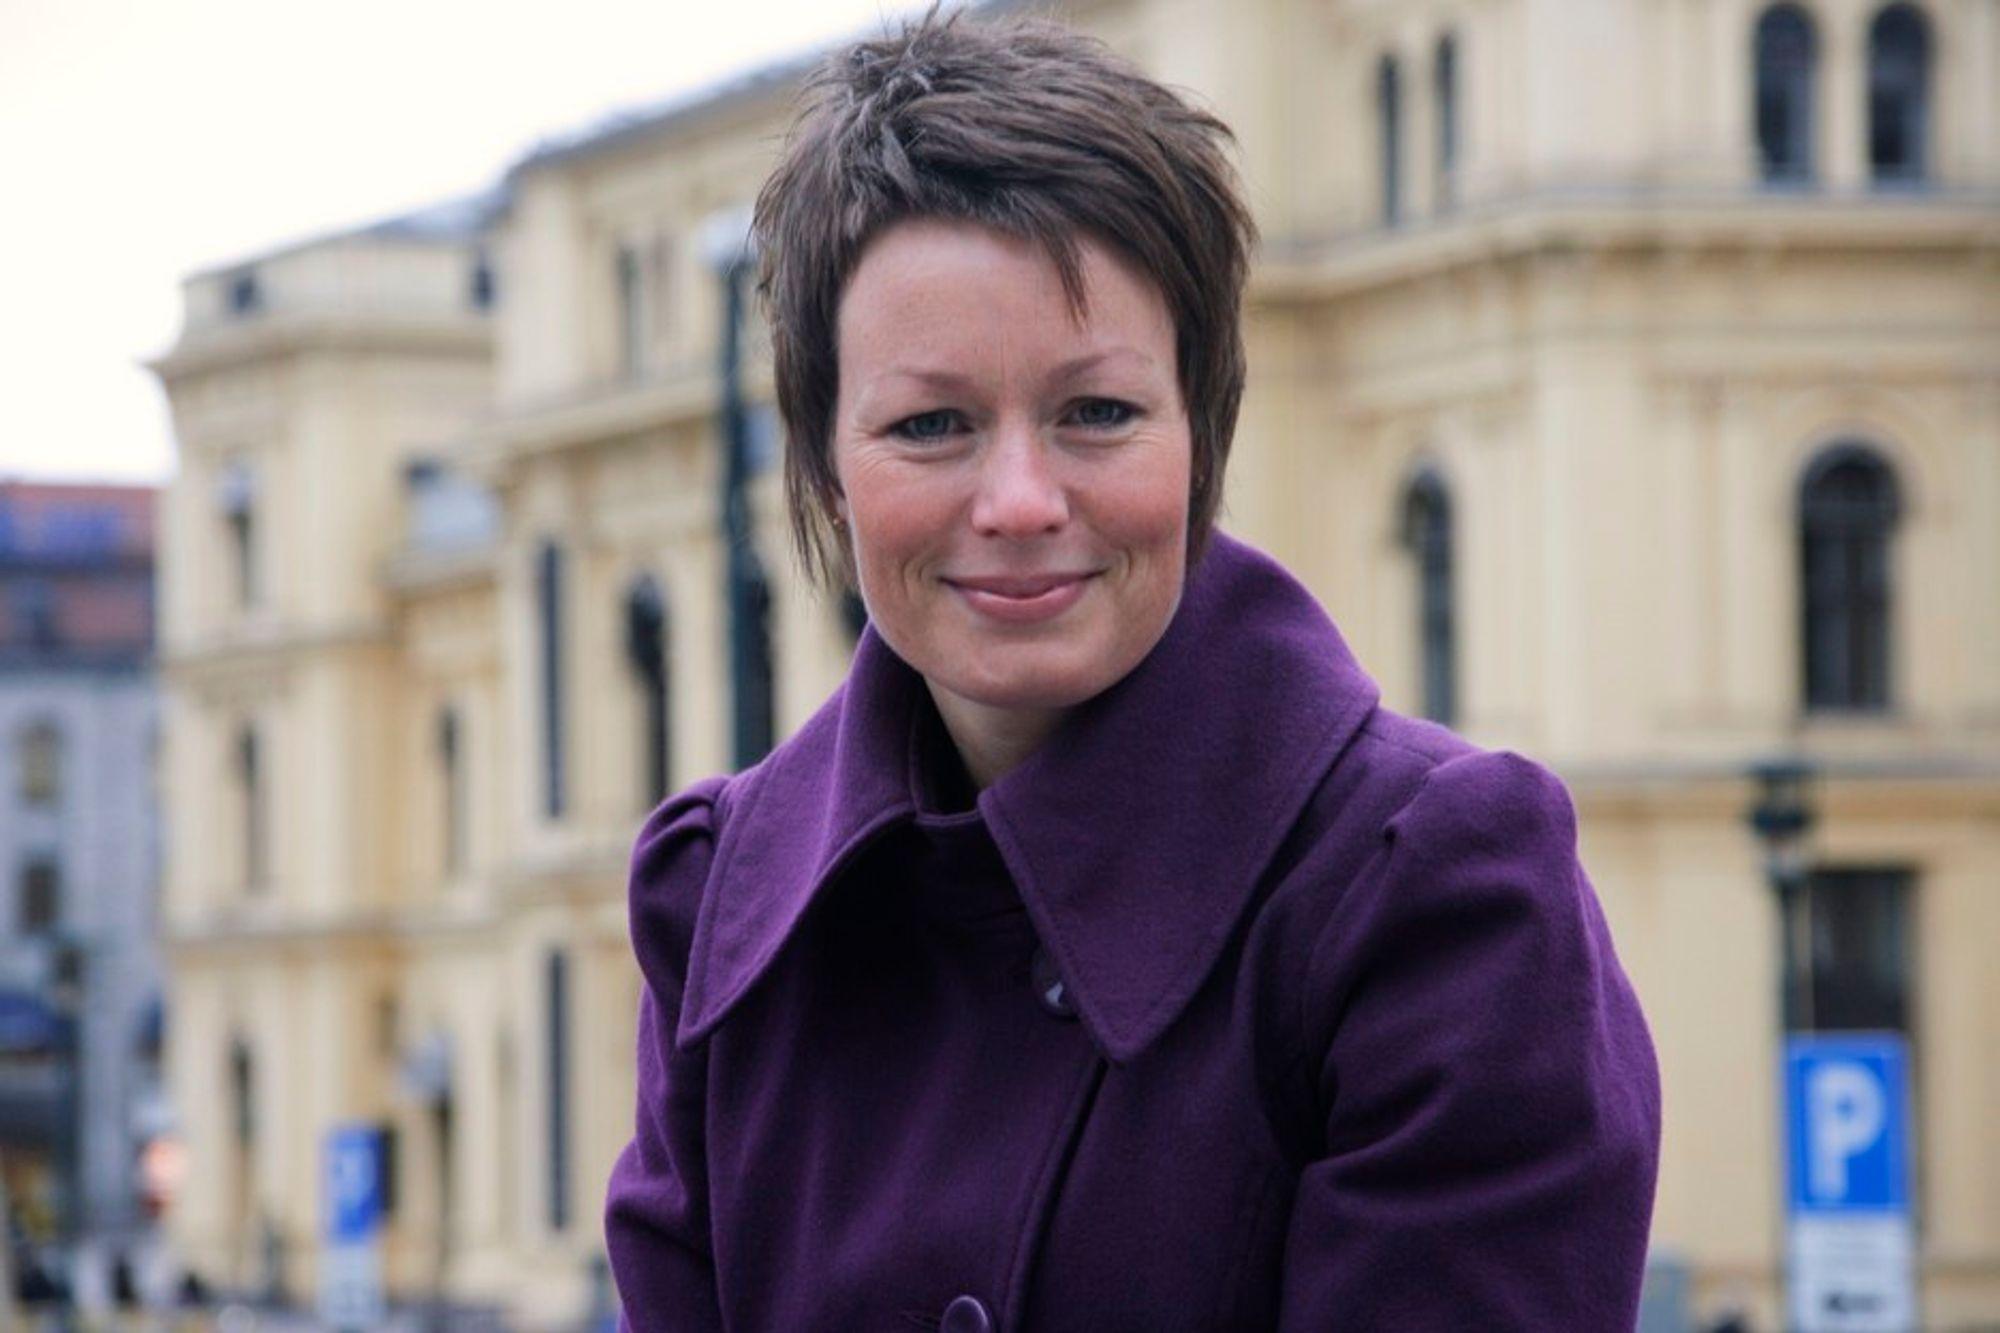 Krfs energi- og miljøpolitiske talskvinne Line Henriette Hjemdal mener regjeringen har gamblet med folks helse ved å holde Mongstad-rapporten hemmelig.